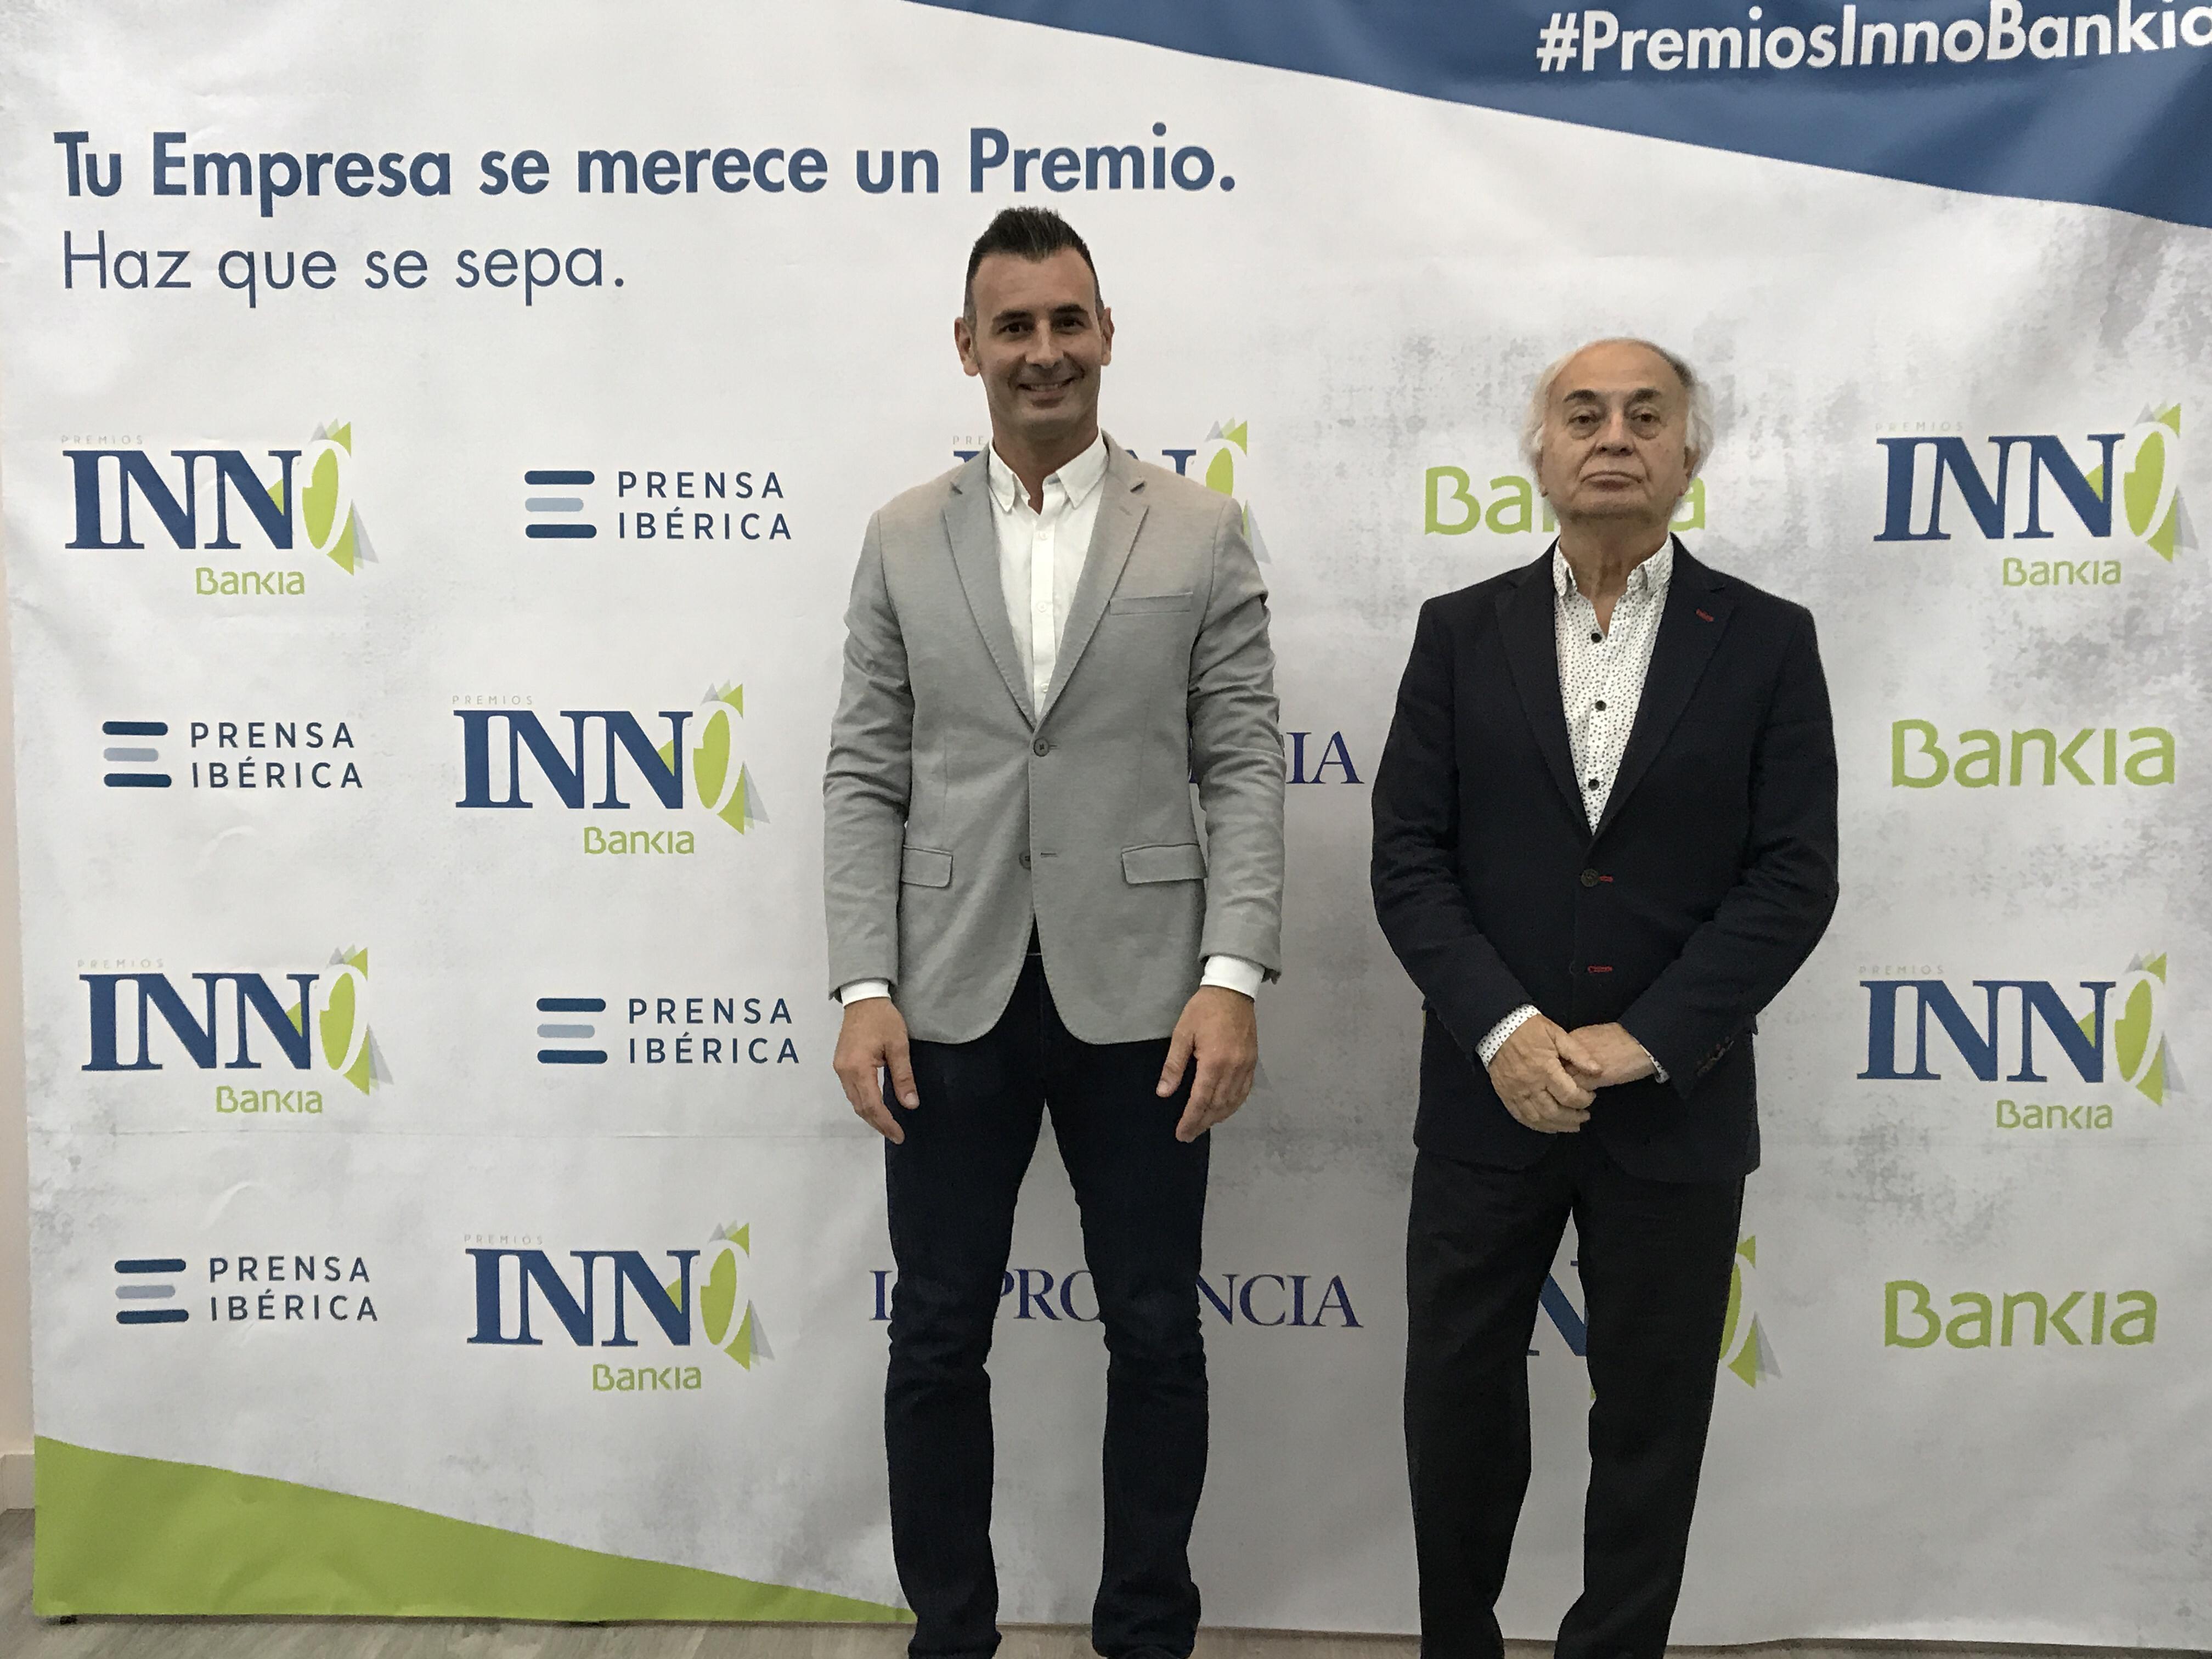 Enrique Hernández Nuez y su padre finalistas en los Premios Innobankia a la sostenibilidad por Ecobrisas